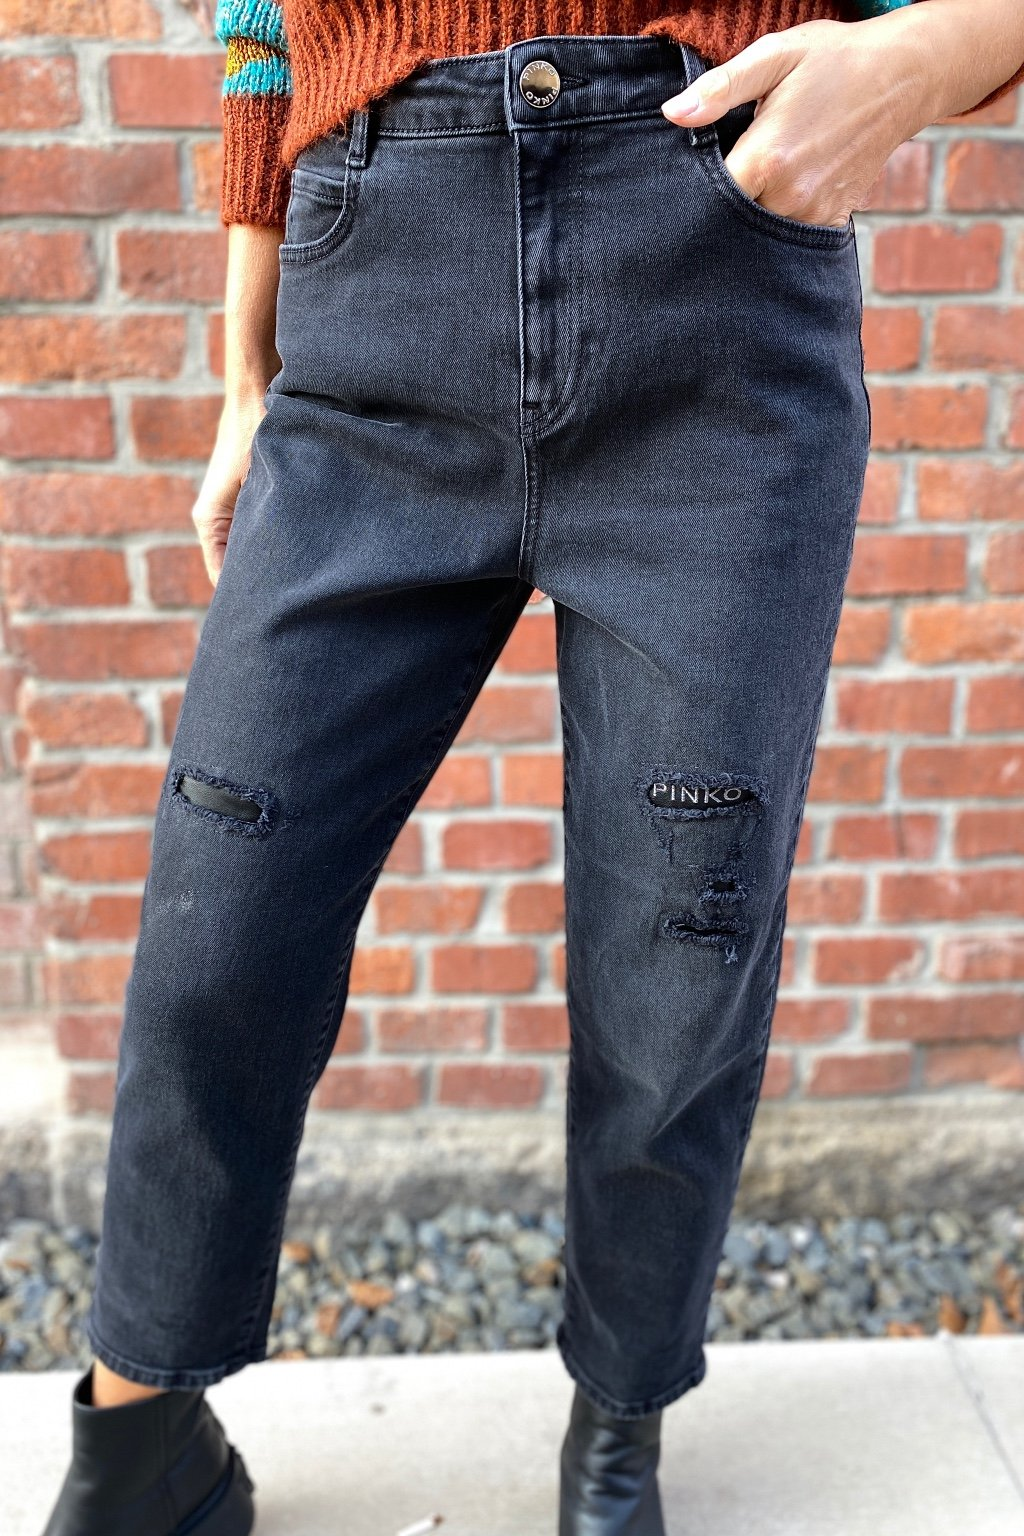 Dámské džíny Pinko 1J10PLY78WZ99 MADDIE 22 černé